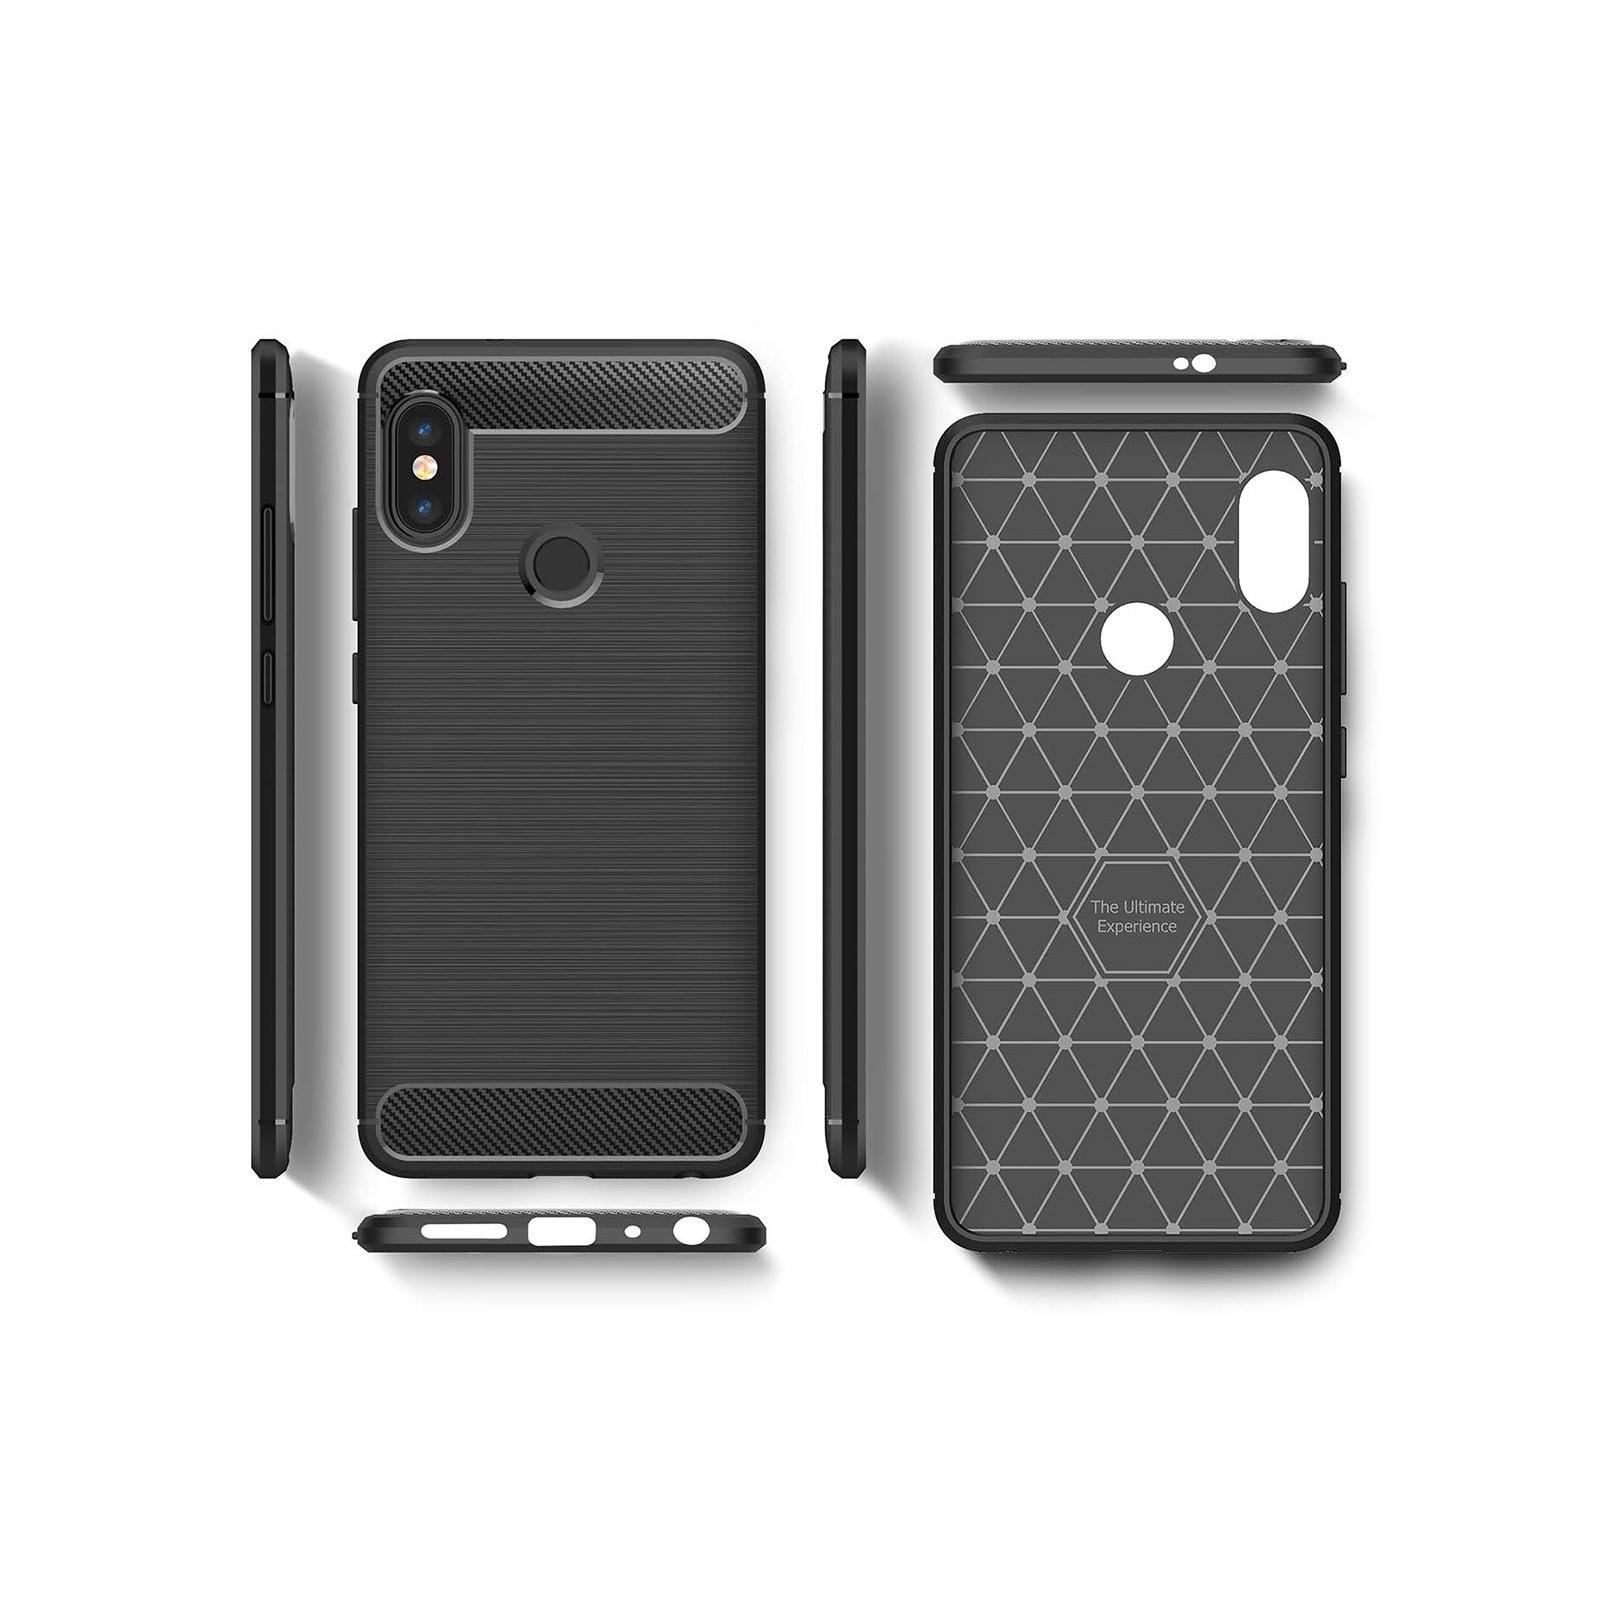 Чехол для моб. телефона Laudtec для XiaomiRedmi Note 5 Pro Carbon Fiber (Black) (LT-RN5PB) изображение 4